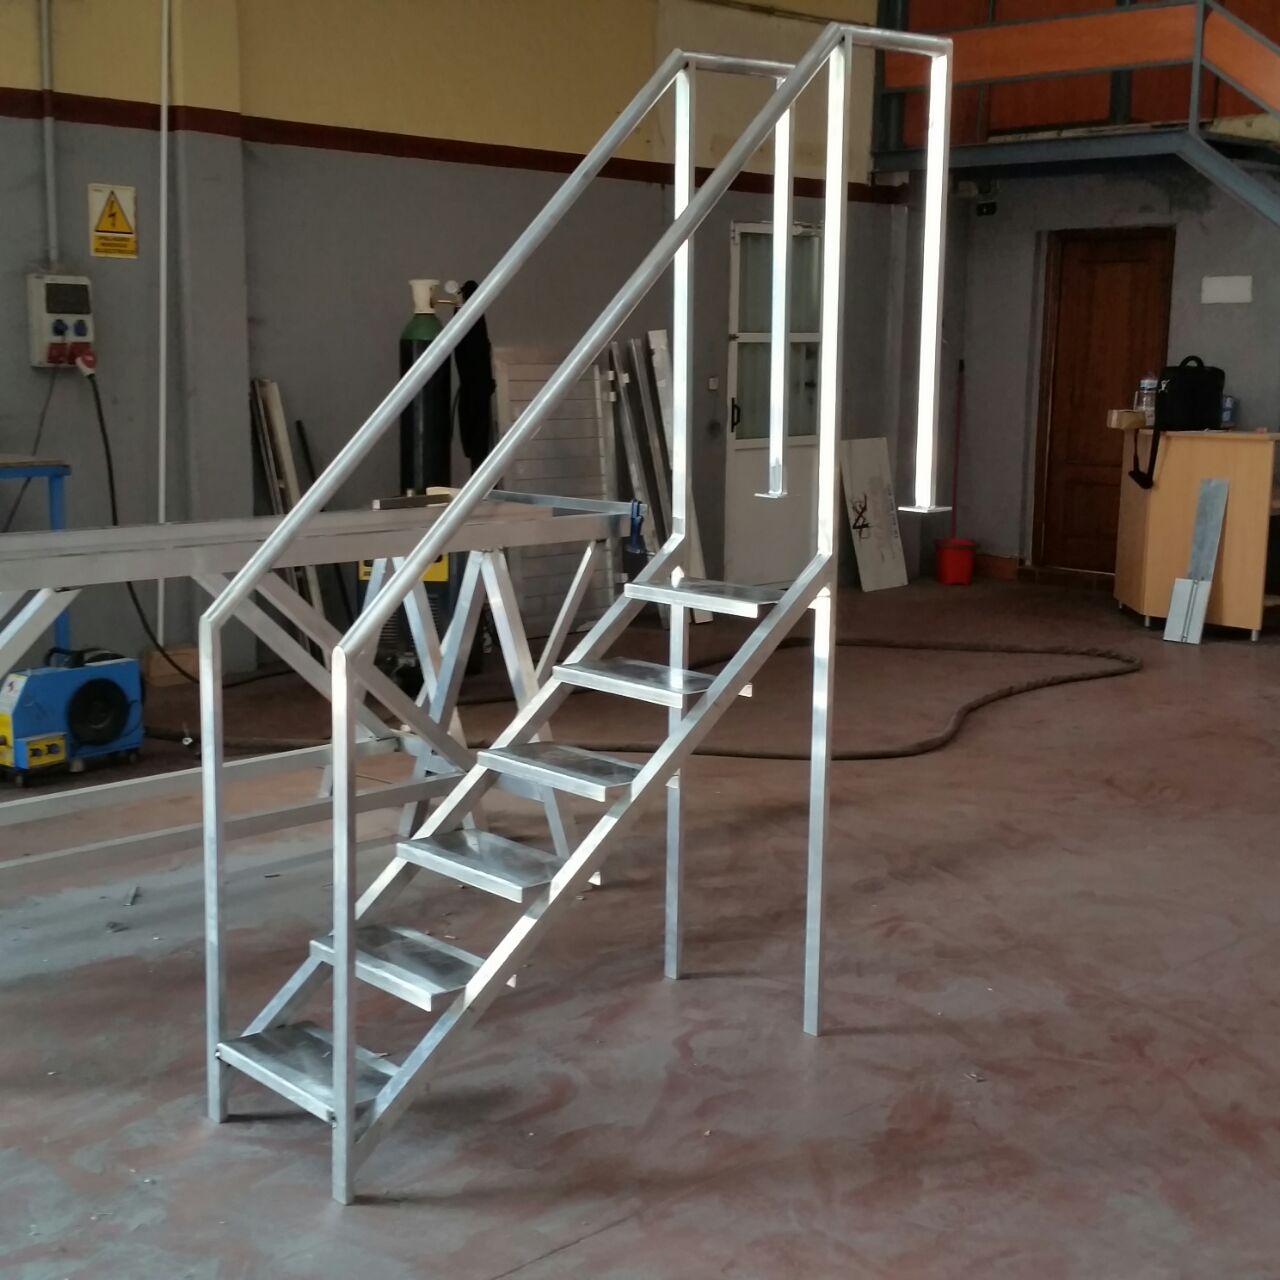 Escalera de aluminio soldado grupo marver - Escaleras extensibles de aluminio ...